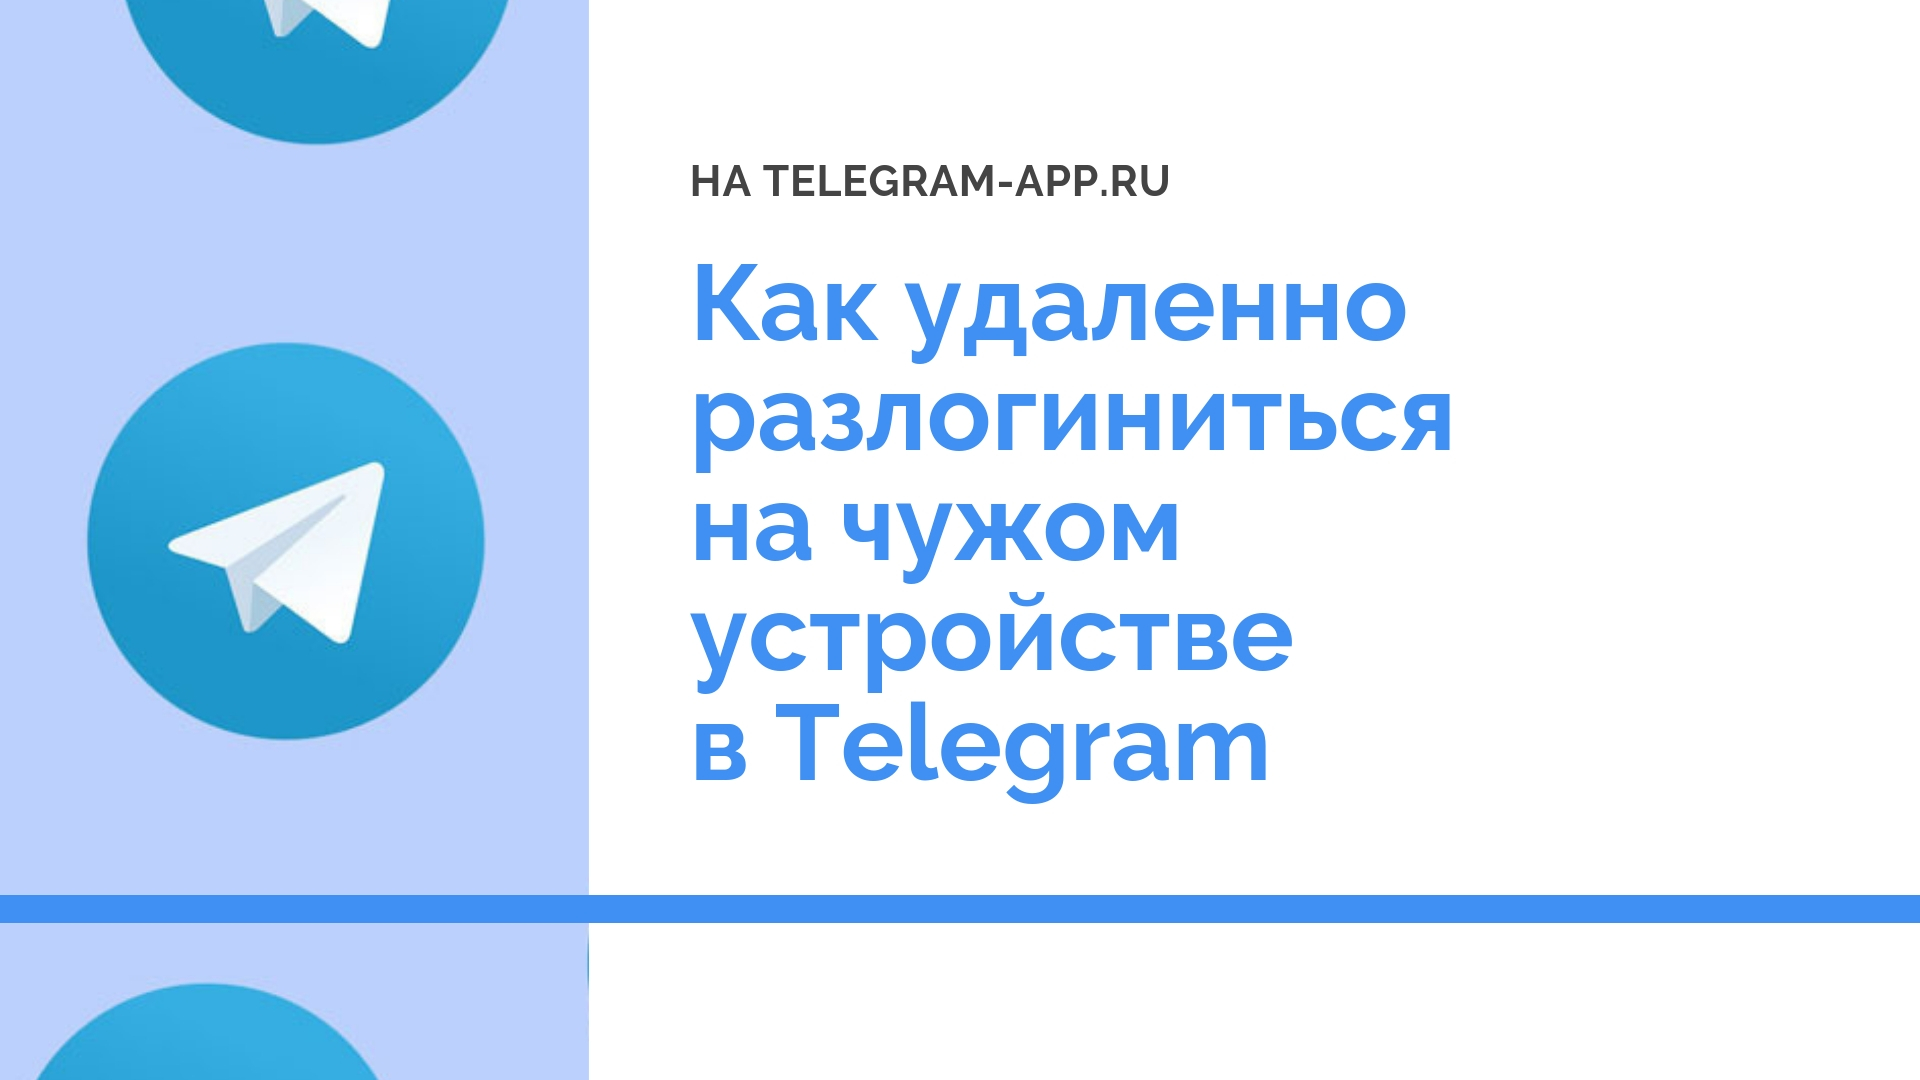 Как удаленно разлогиниться на чужом устройстве в Telegram